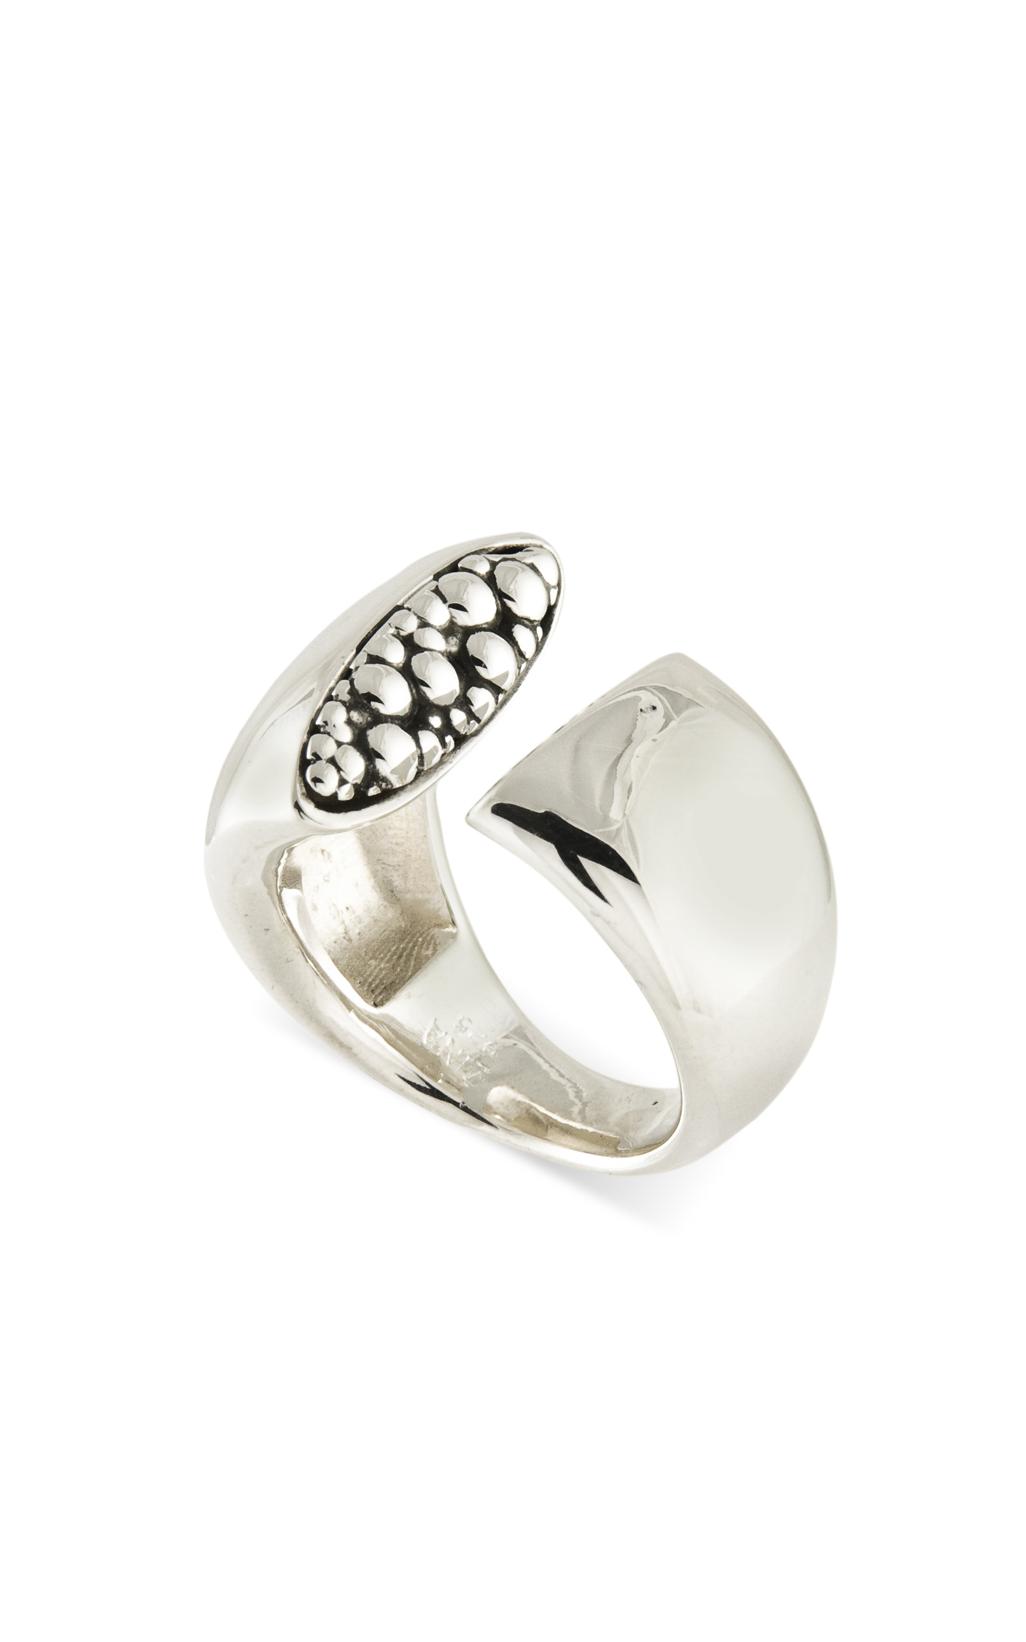 Zina Rain Fashion Ring Z1479 product image